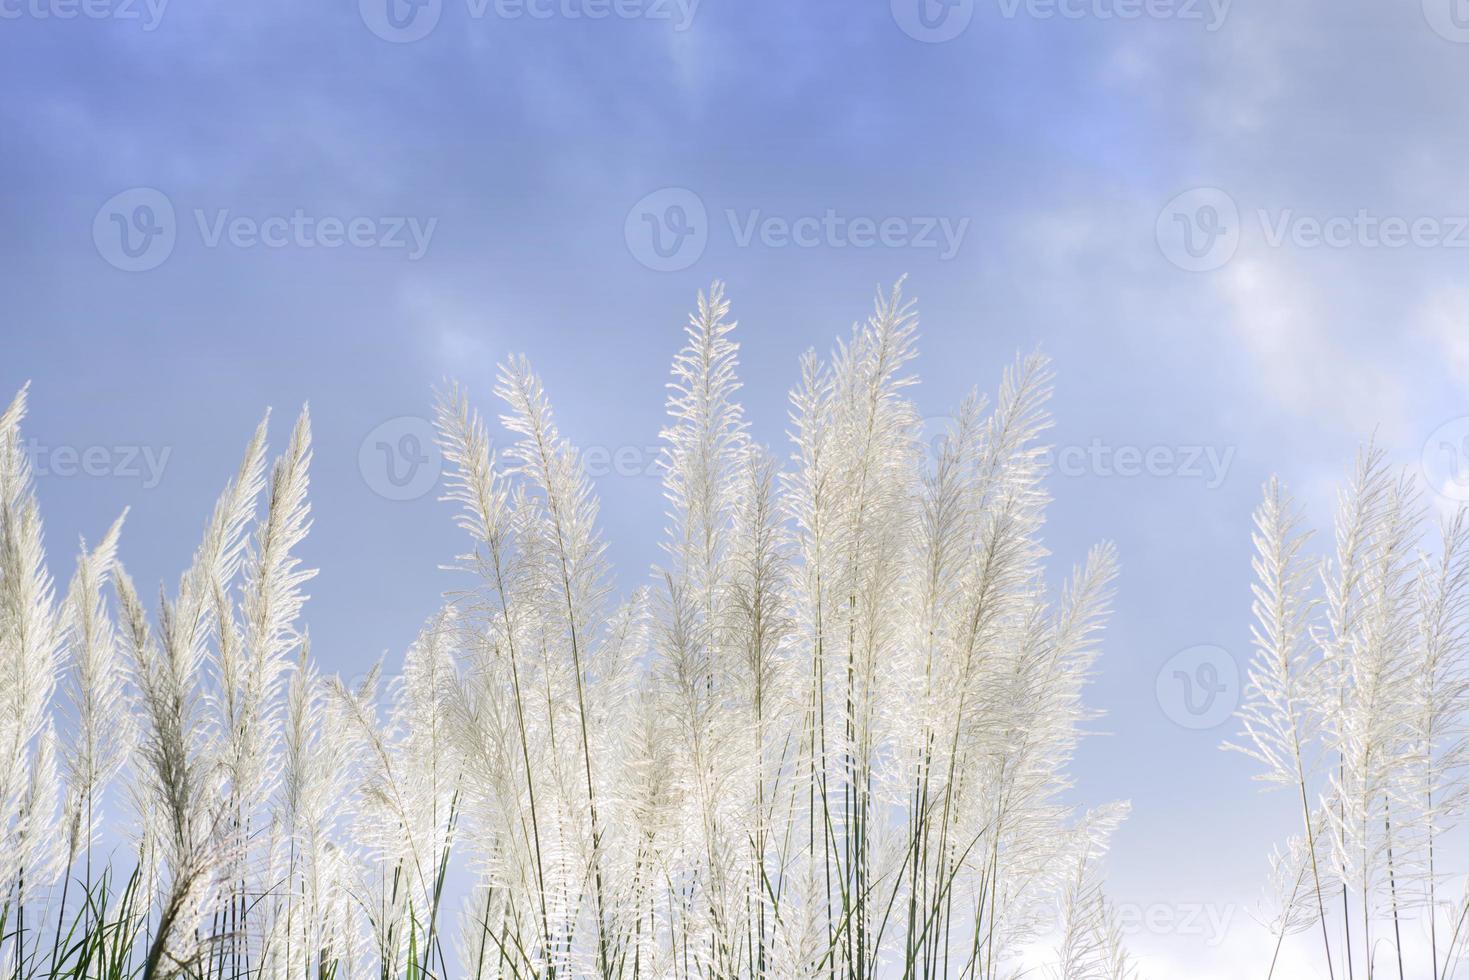 fiore di erba contro il cielo nuvoloso foto